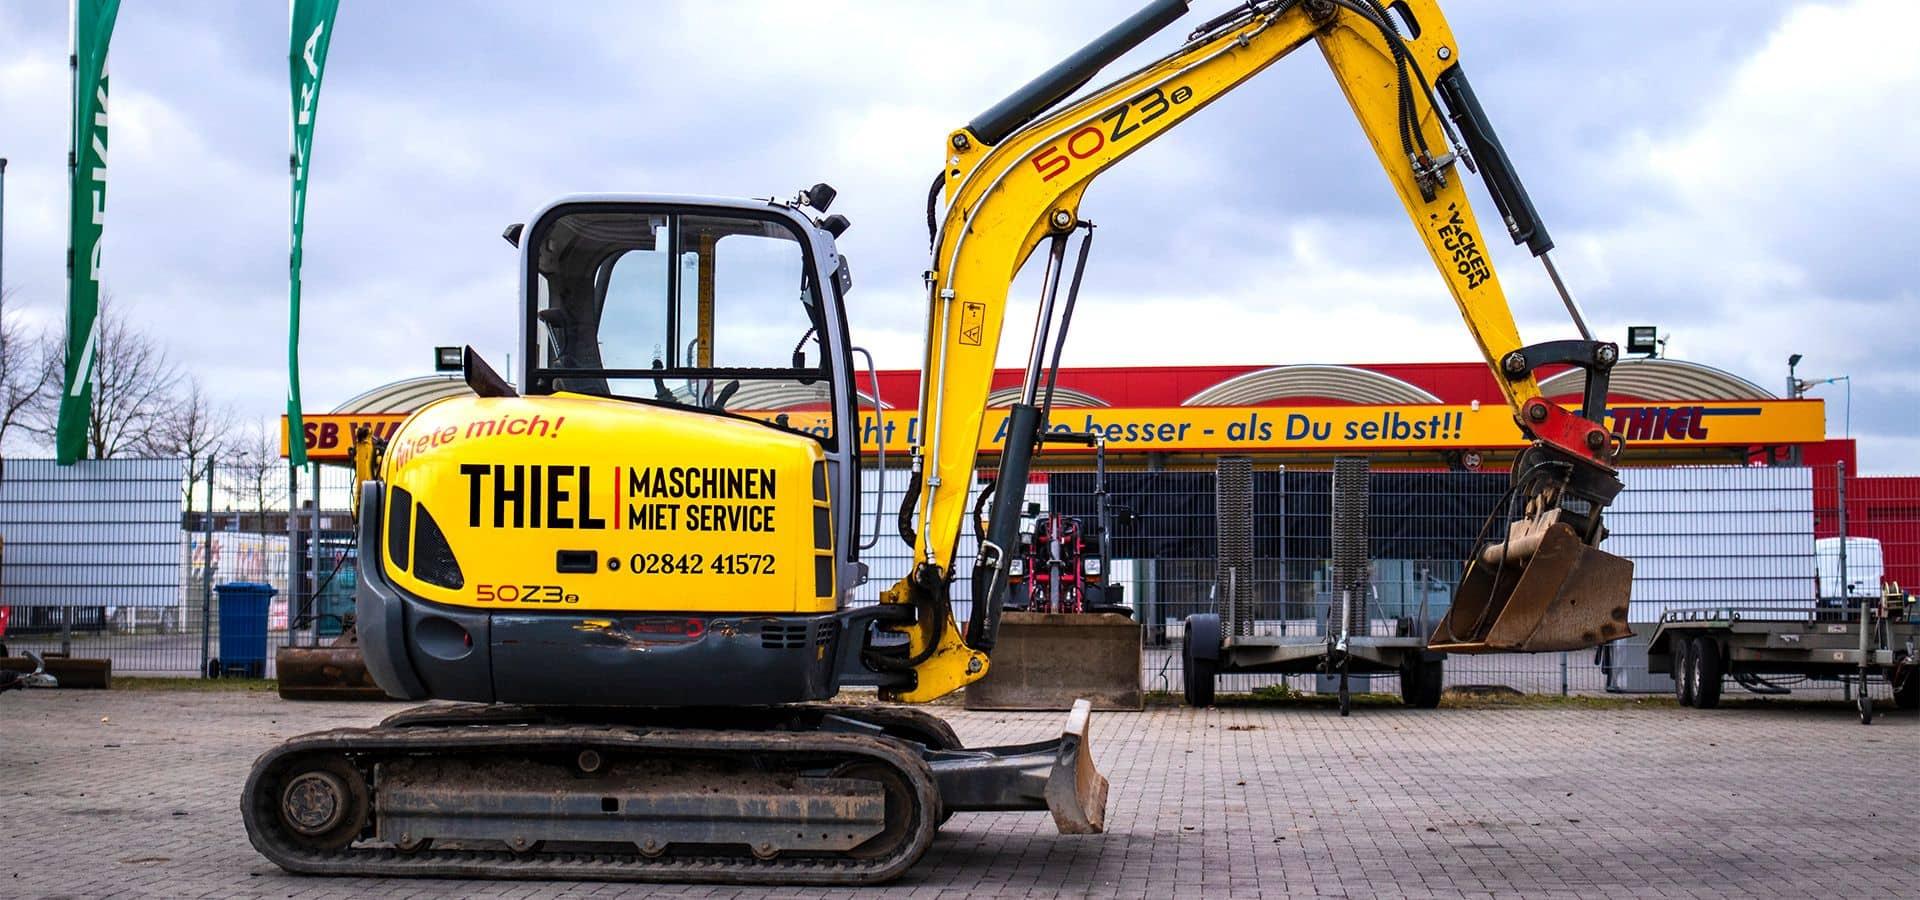 Vermietung von Maschinen, Werkzeugen und Zubehör für jeden Handwerksbedarf